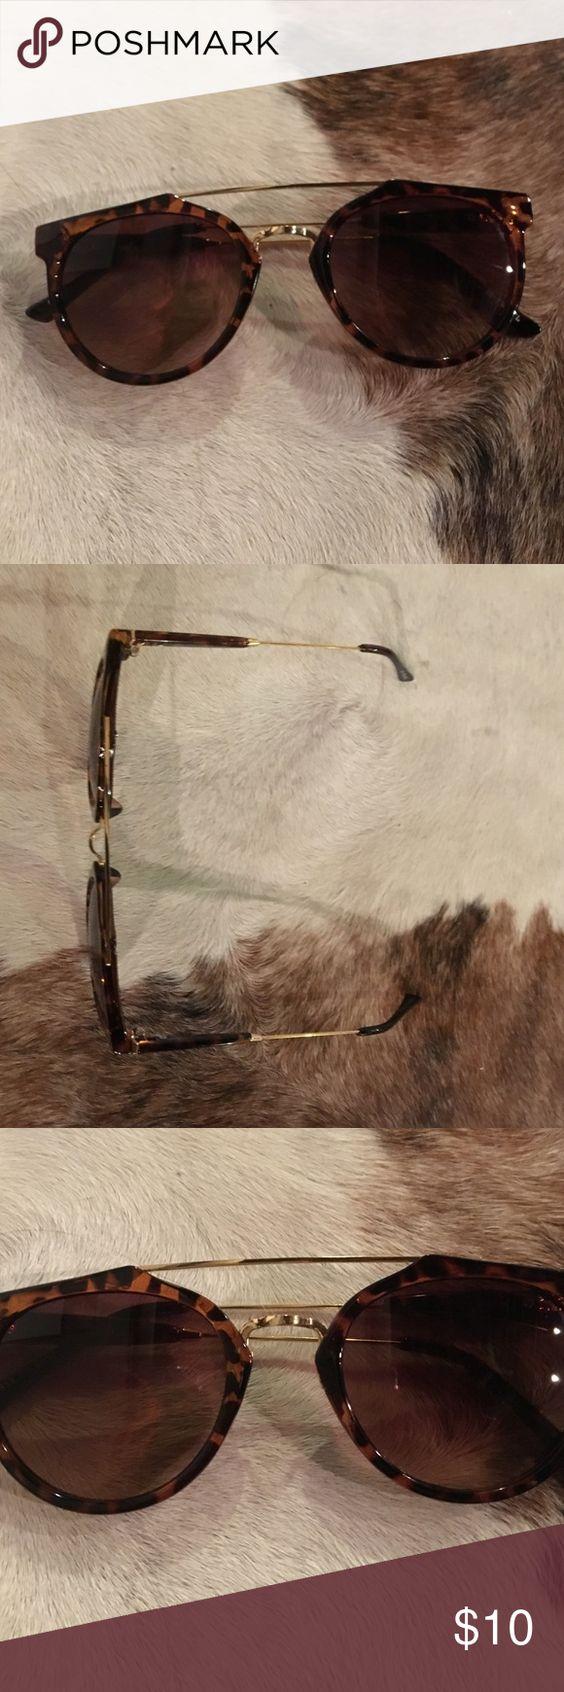 Asos Tortoise shell sunglasses Asos Tortoise shell sunglasses ASOS Accessories Sunglasses